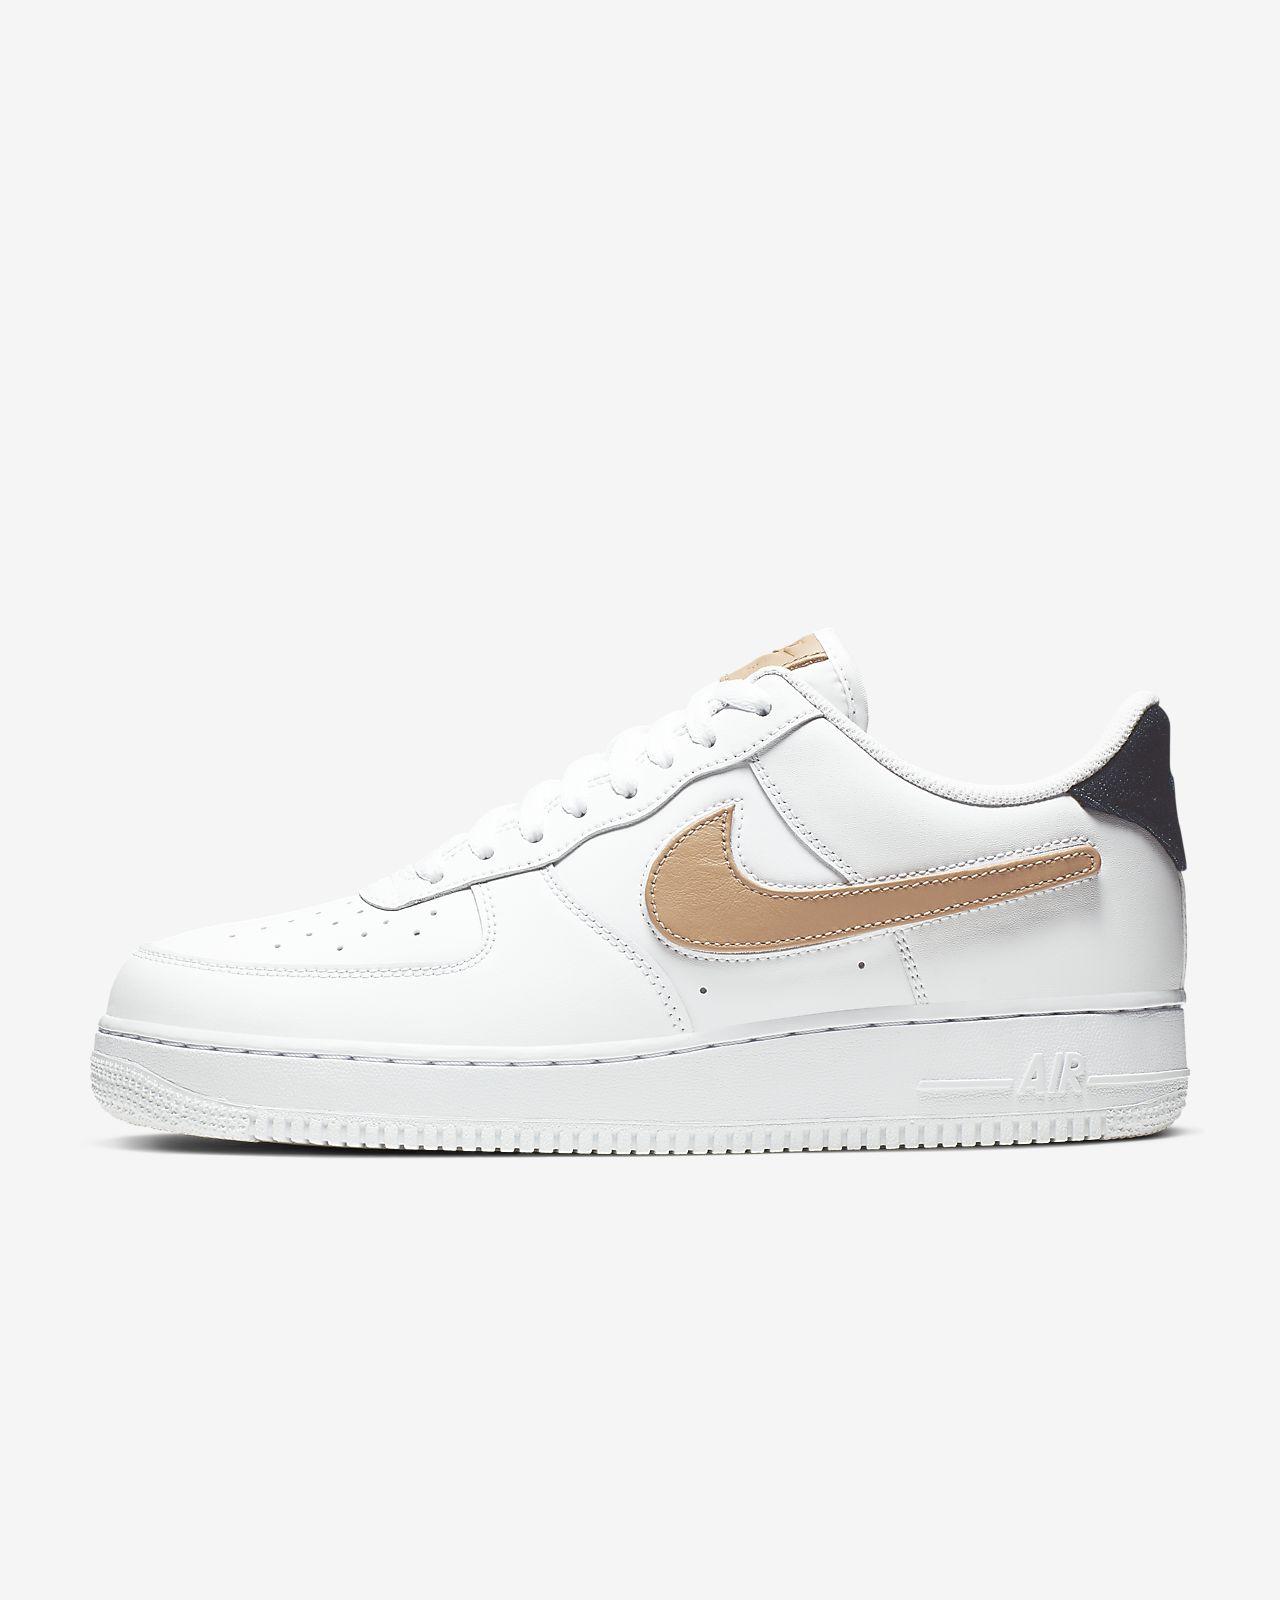 Nike Air Force 1 '07 LV8 3男子运动鞋